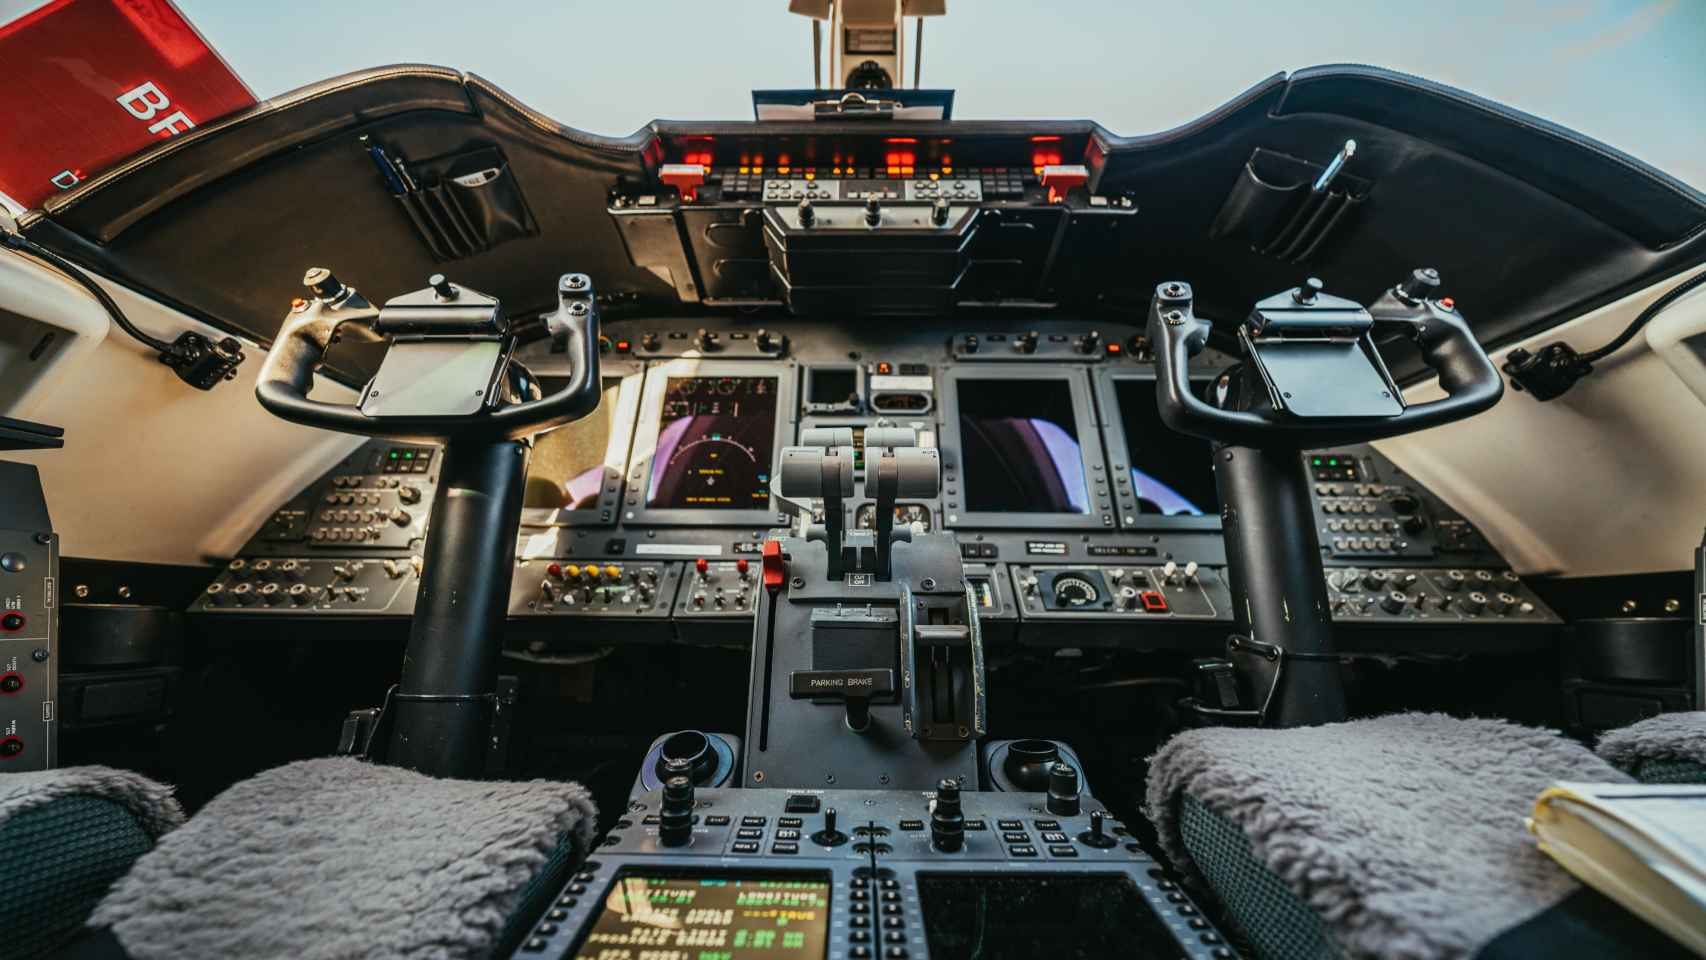 Cabina de avión en una imagen de archivo.